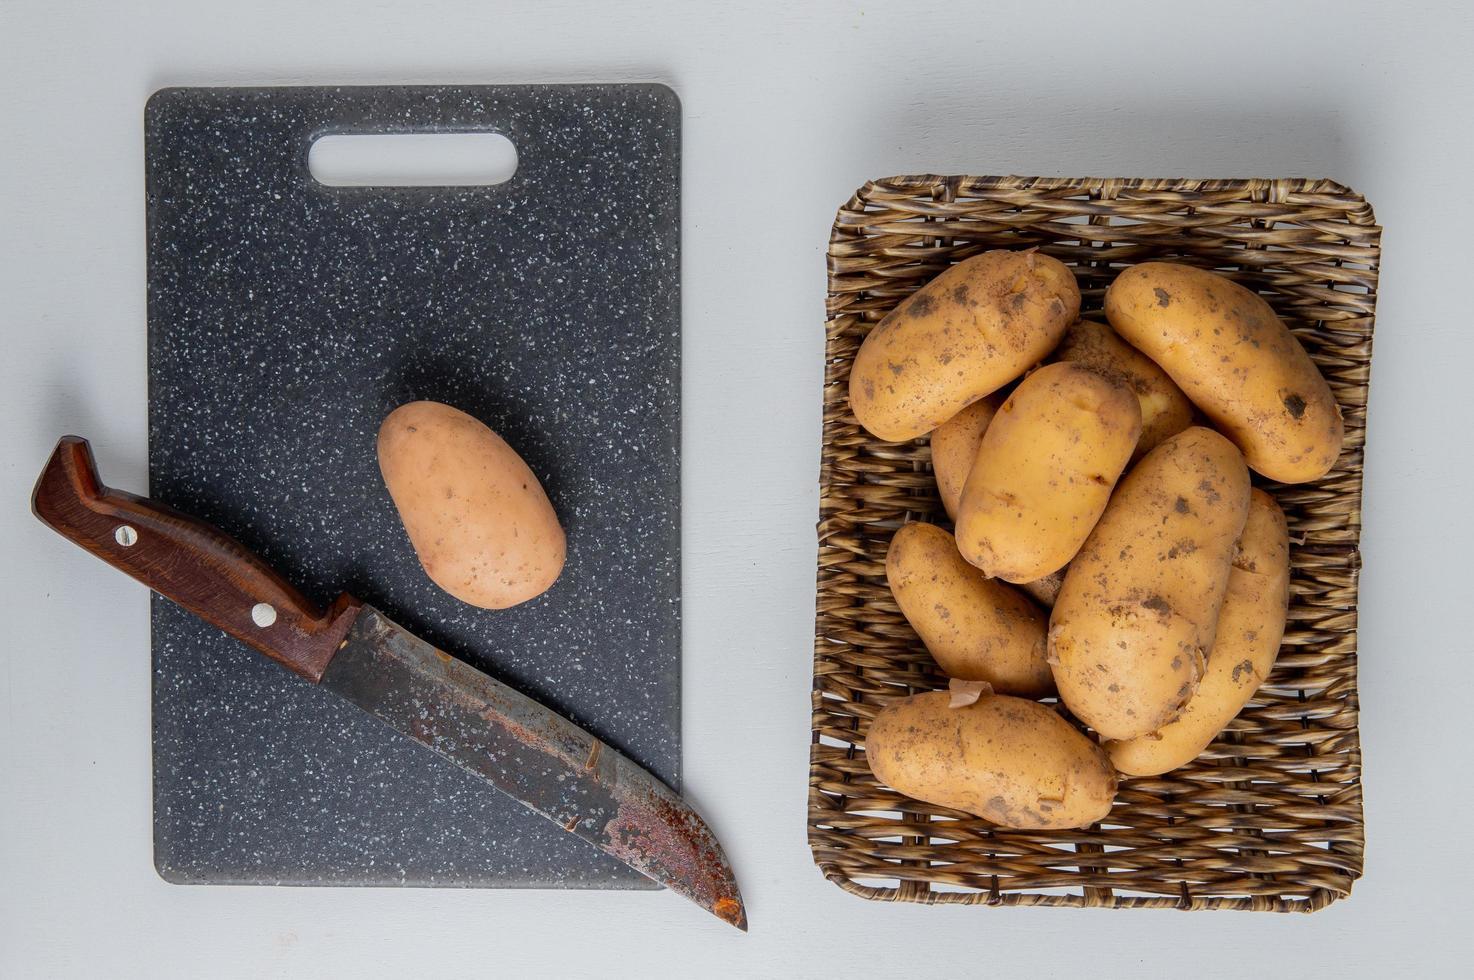 Vista superior de la patata y el cuchillo en la tabla de cortar con otros en la placa de la cesta sobre fondo blanco. foto